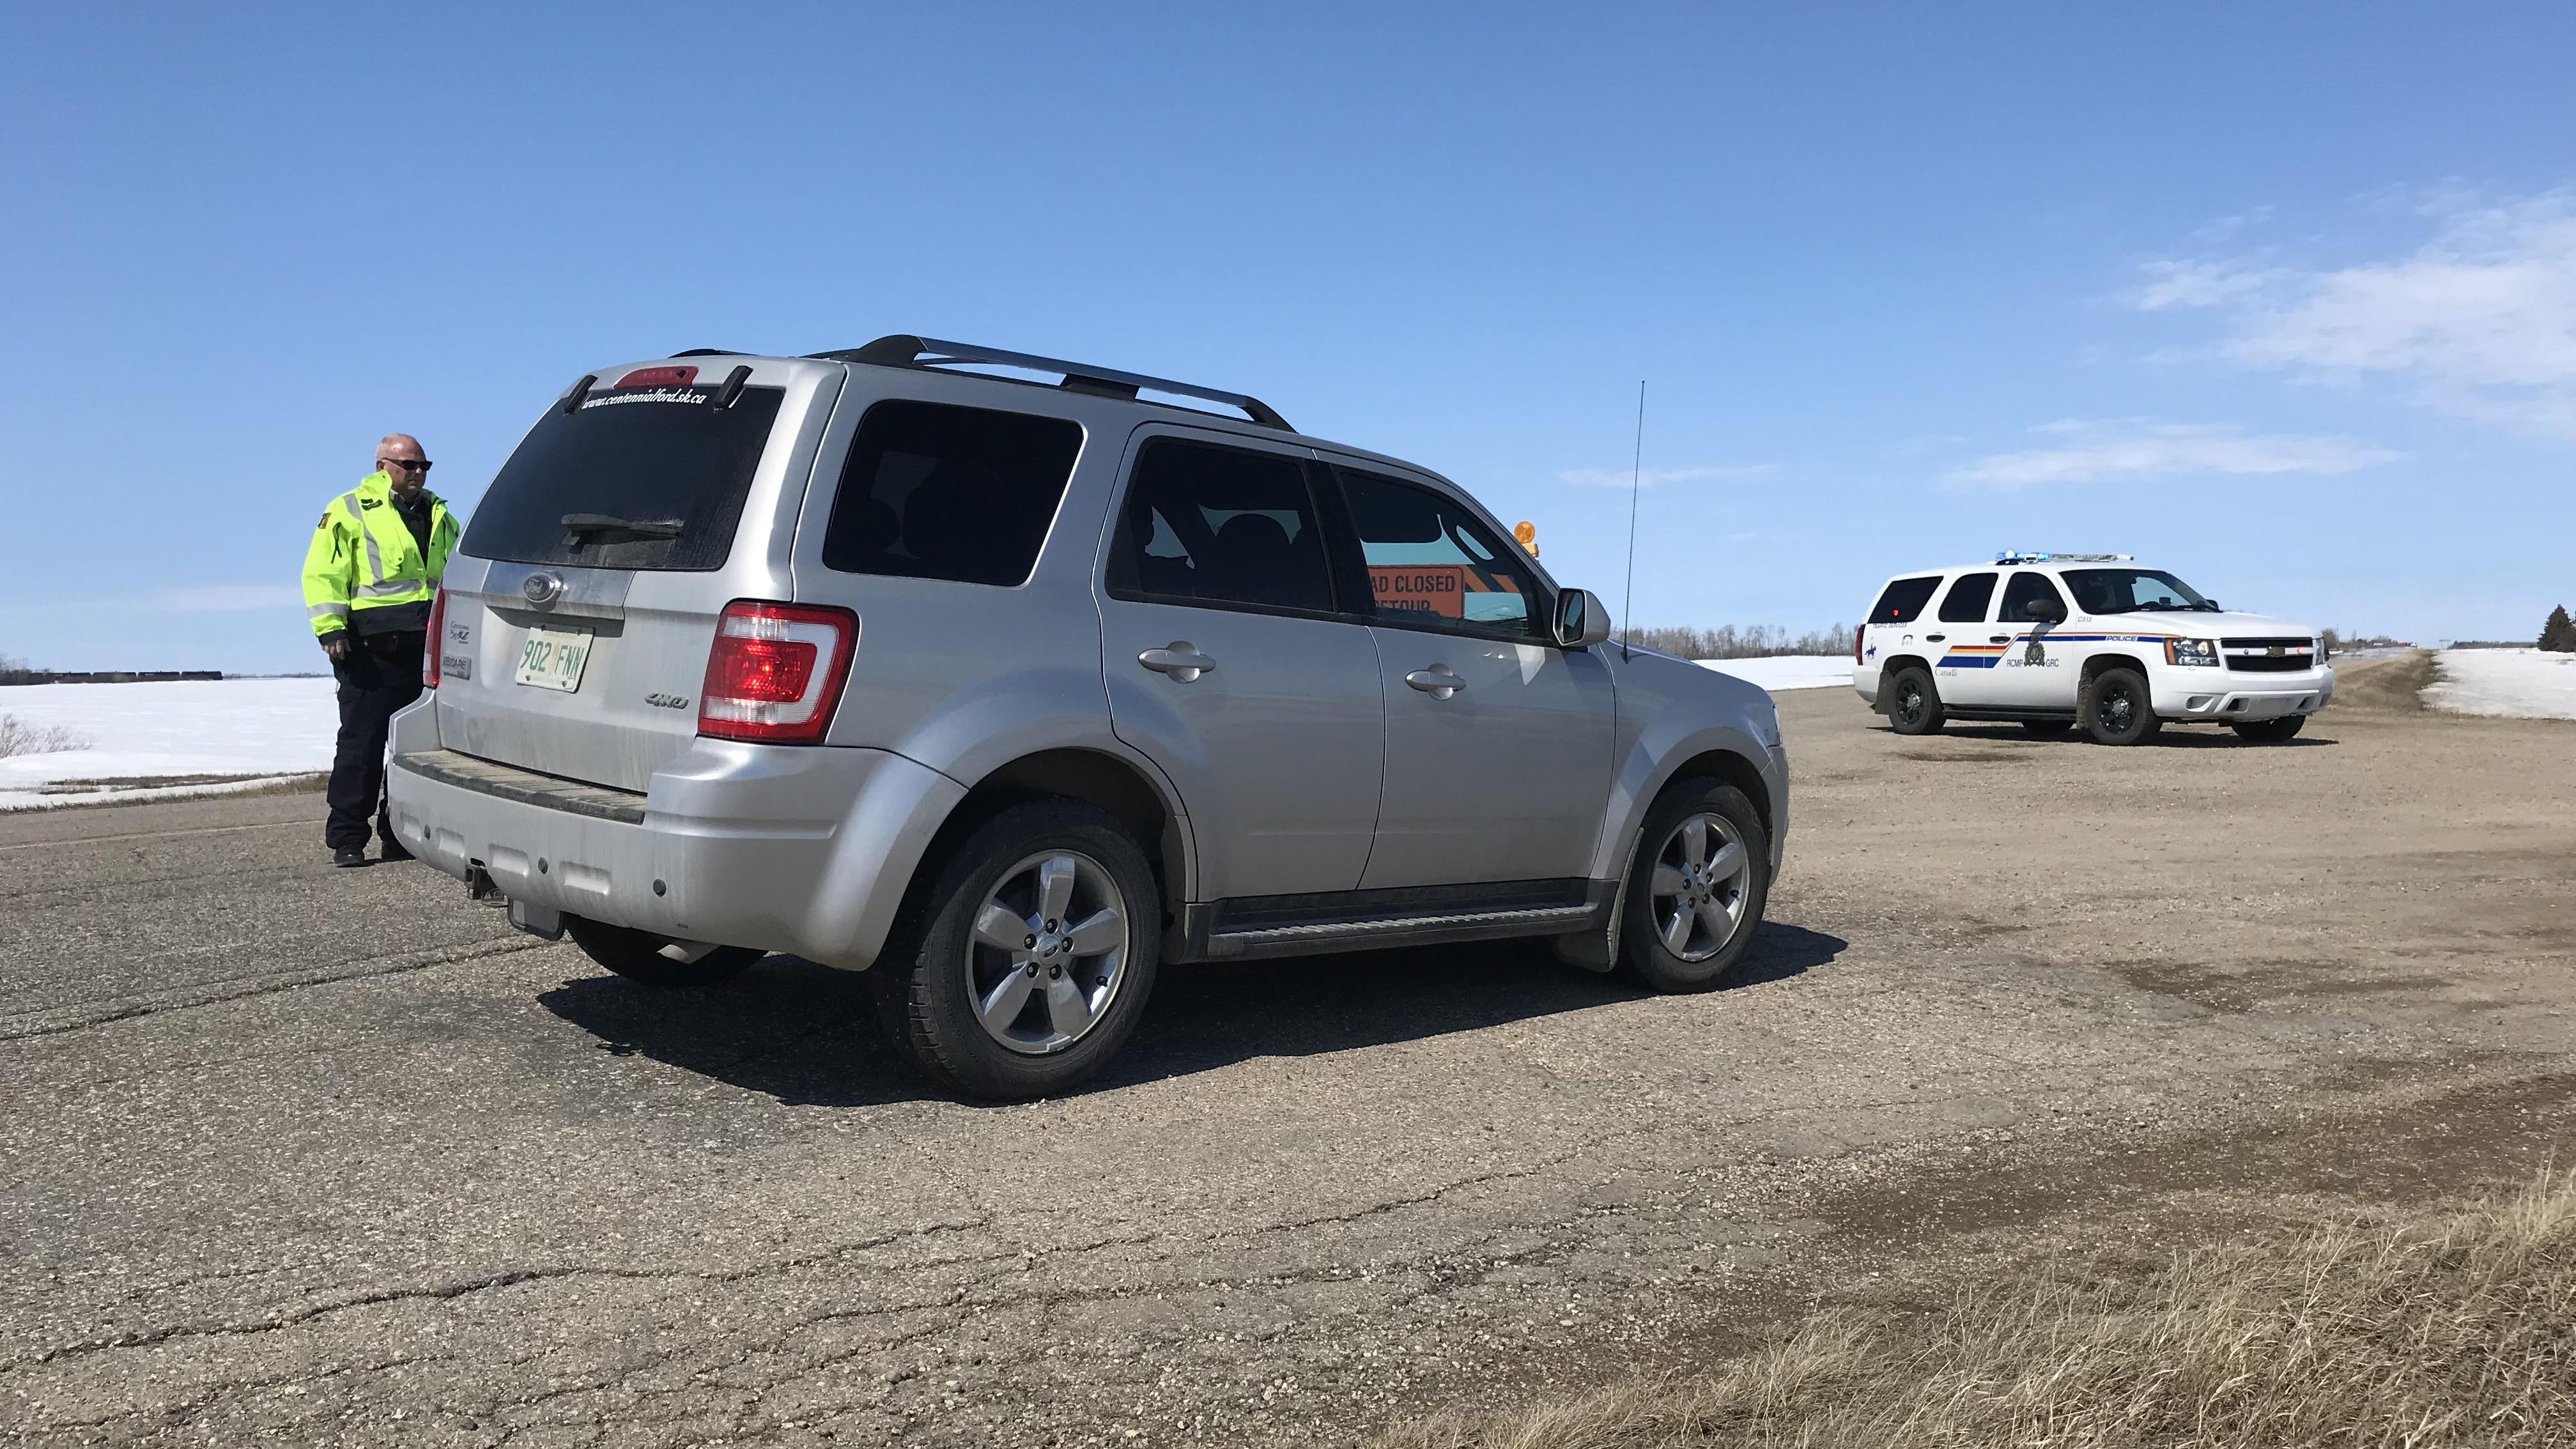 En avant-plan, un VUS gris est stationné au milieu de la route devant une barricade. En arrière-plan, un VUS de la GRC est également stationné sur la route. Un agent de la GRC est debout derrière le VUS banalisé.